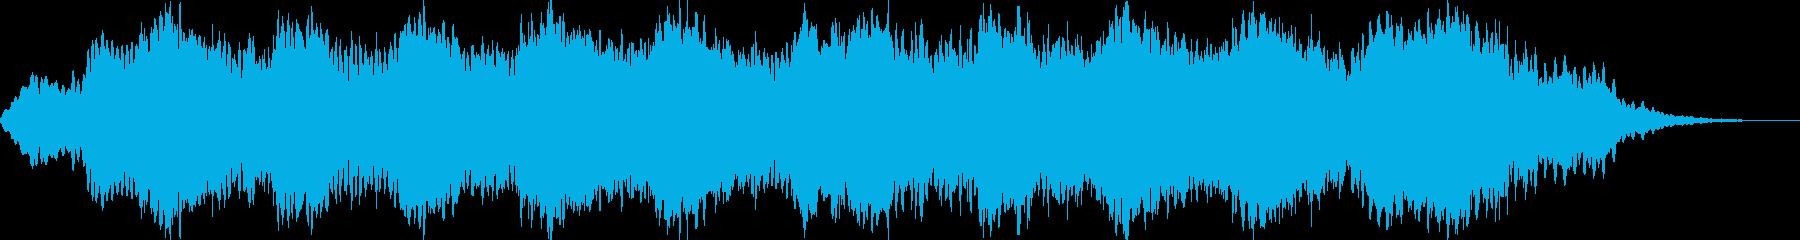 ヨガ、快眠、エステ等に適したアンビエントの再生済みの波形